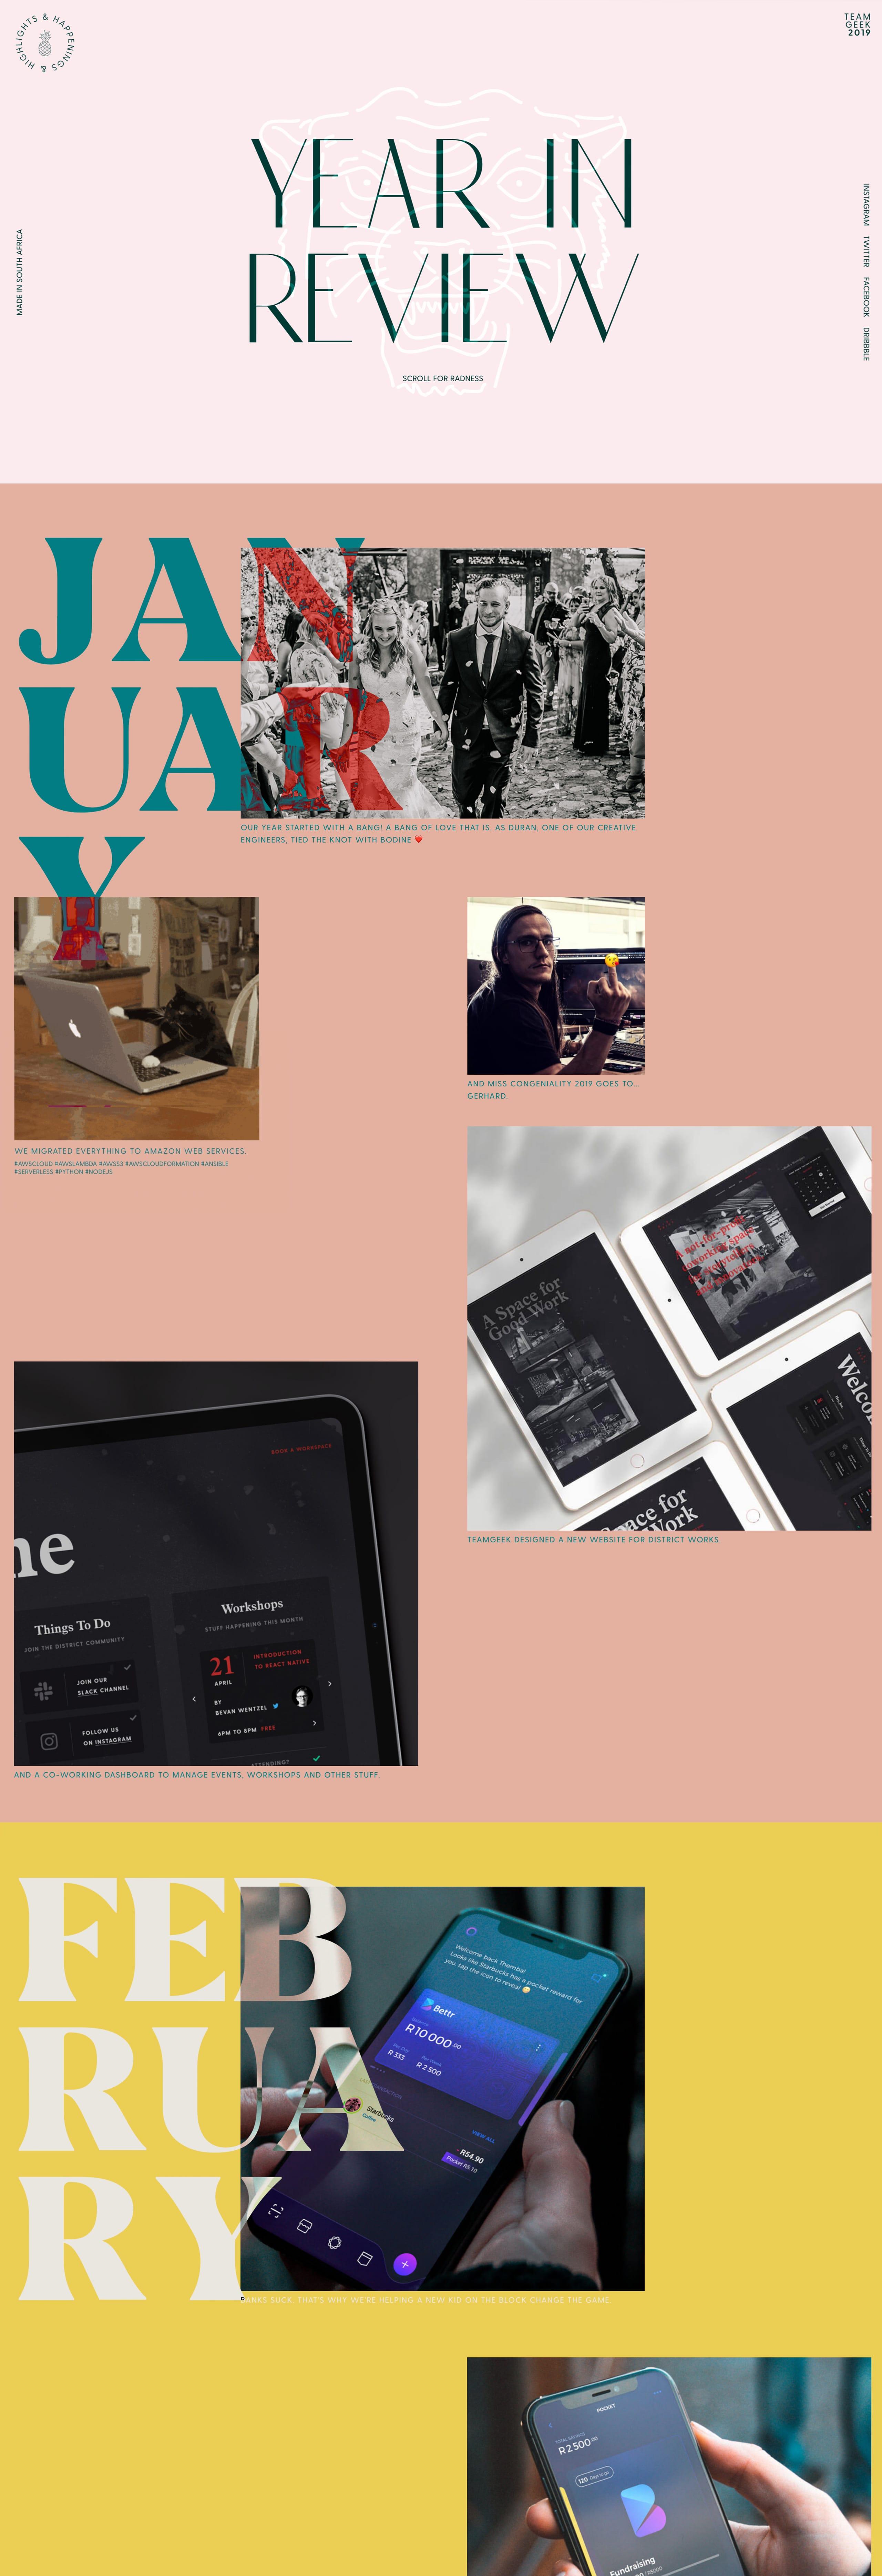 Teamgeek – Year In Review 2019 Website Screenshot